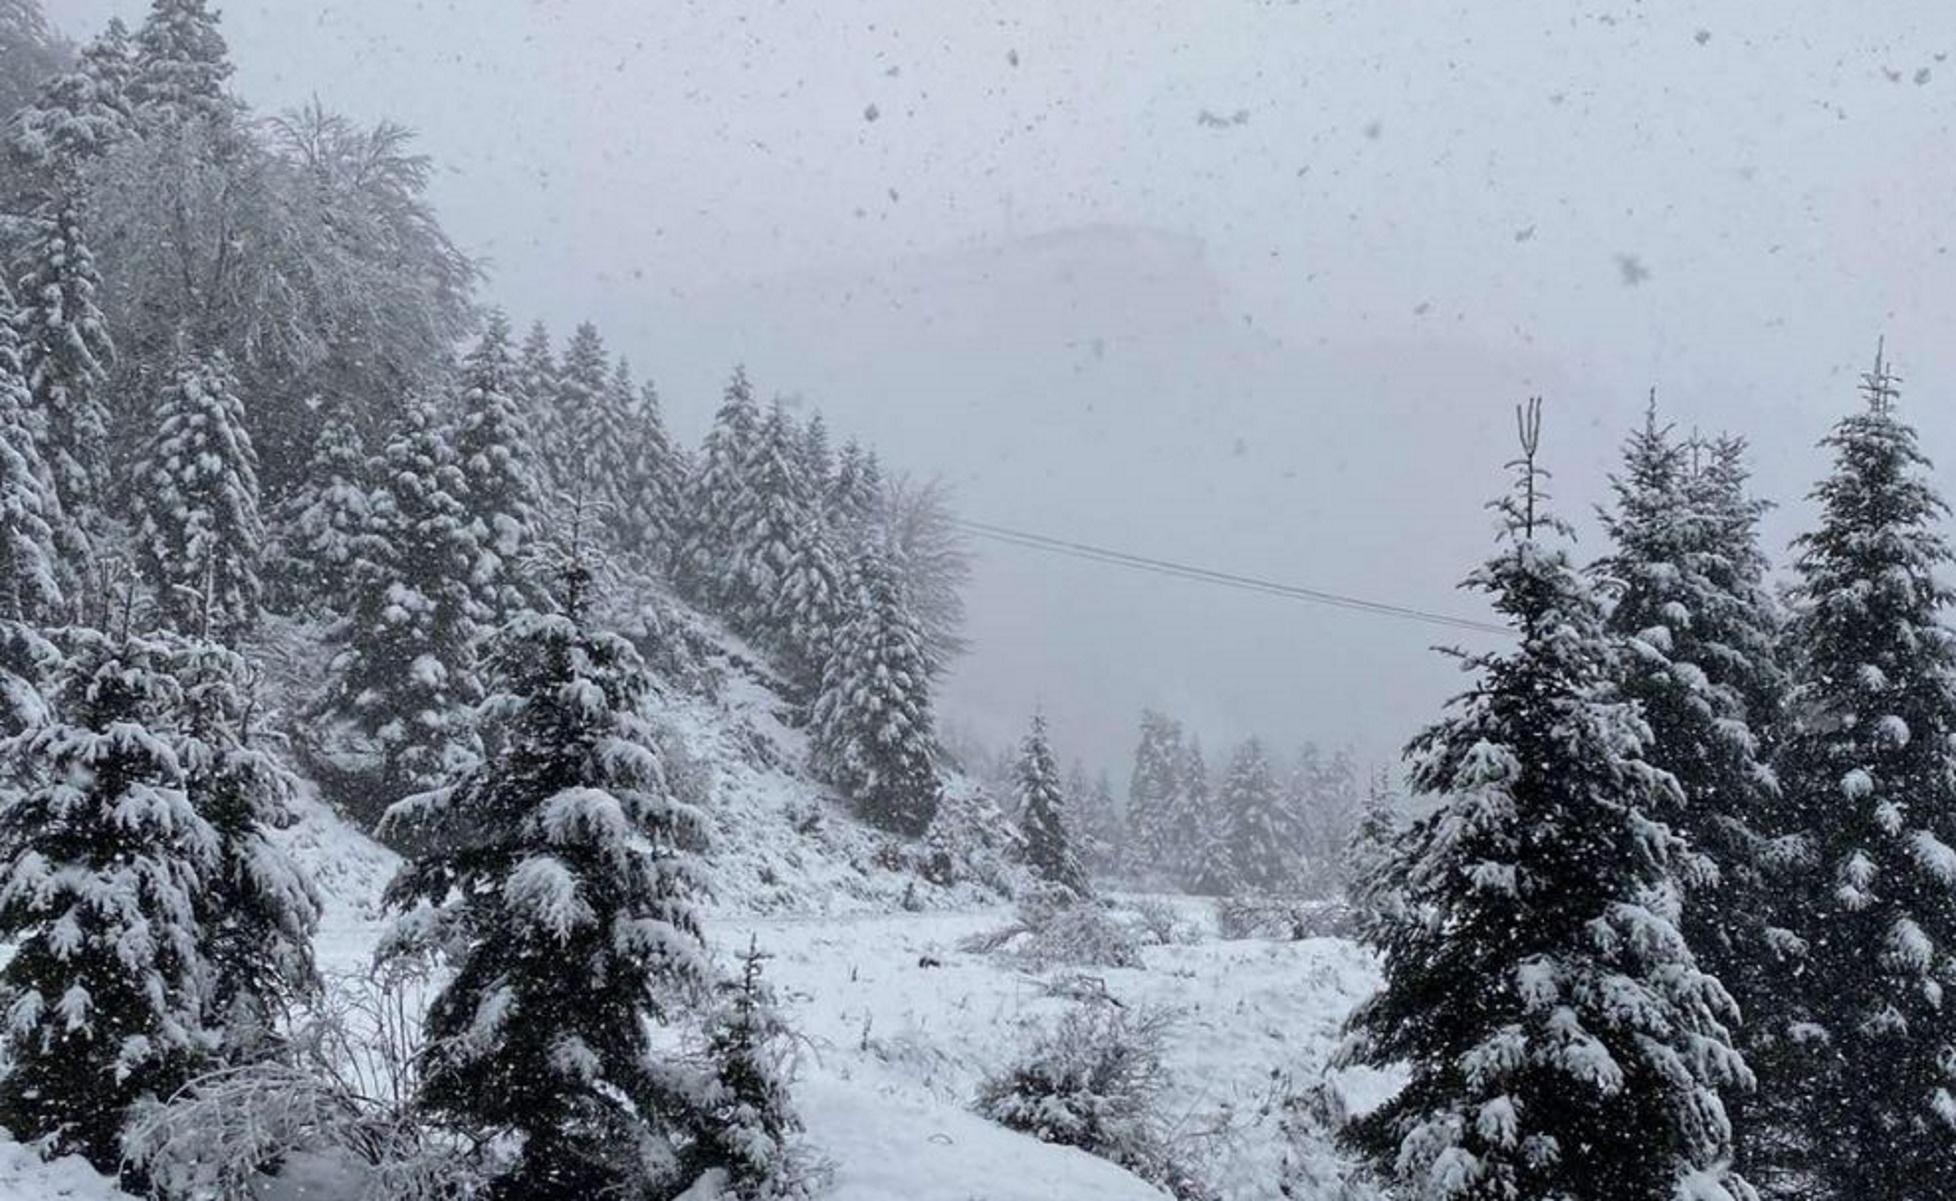 Καιρός: Που θα χιονίσει τις επόμενες ώρες – Που χιονίζει τώρα